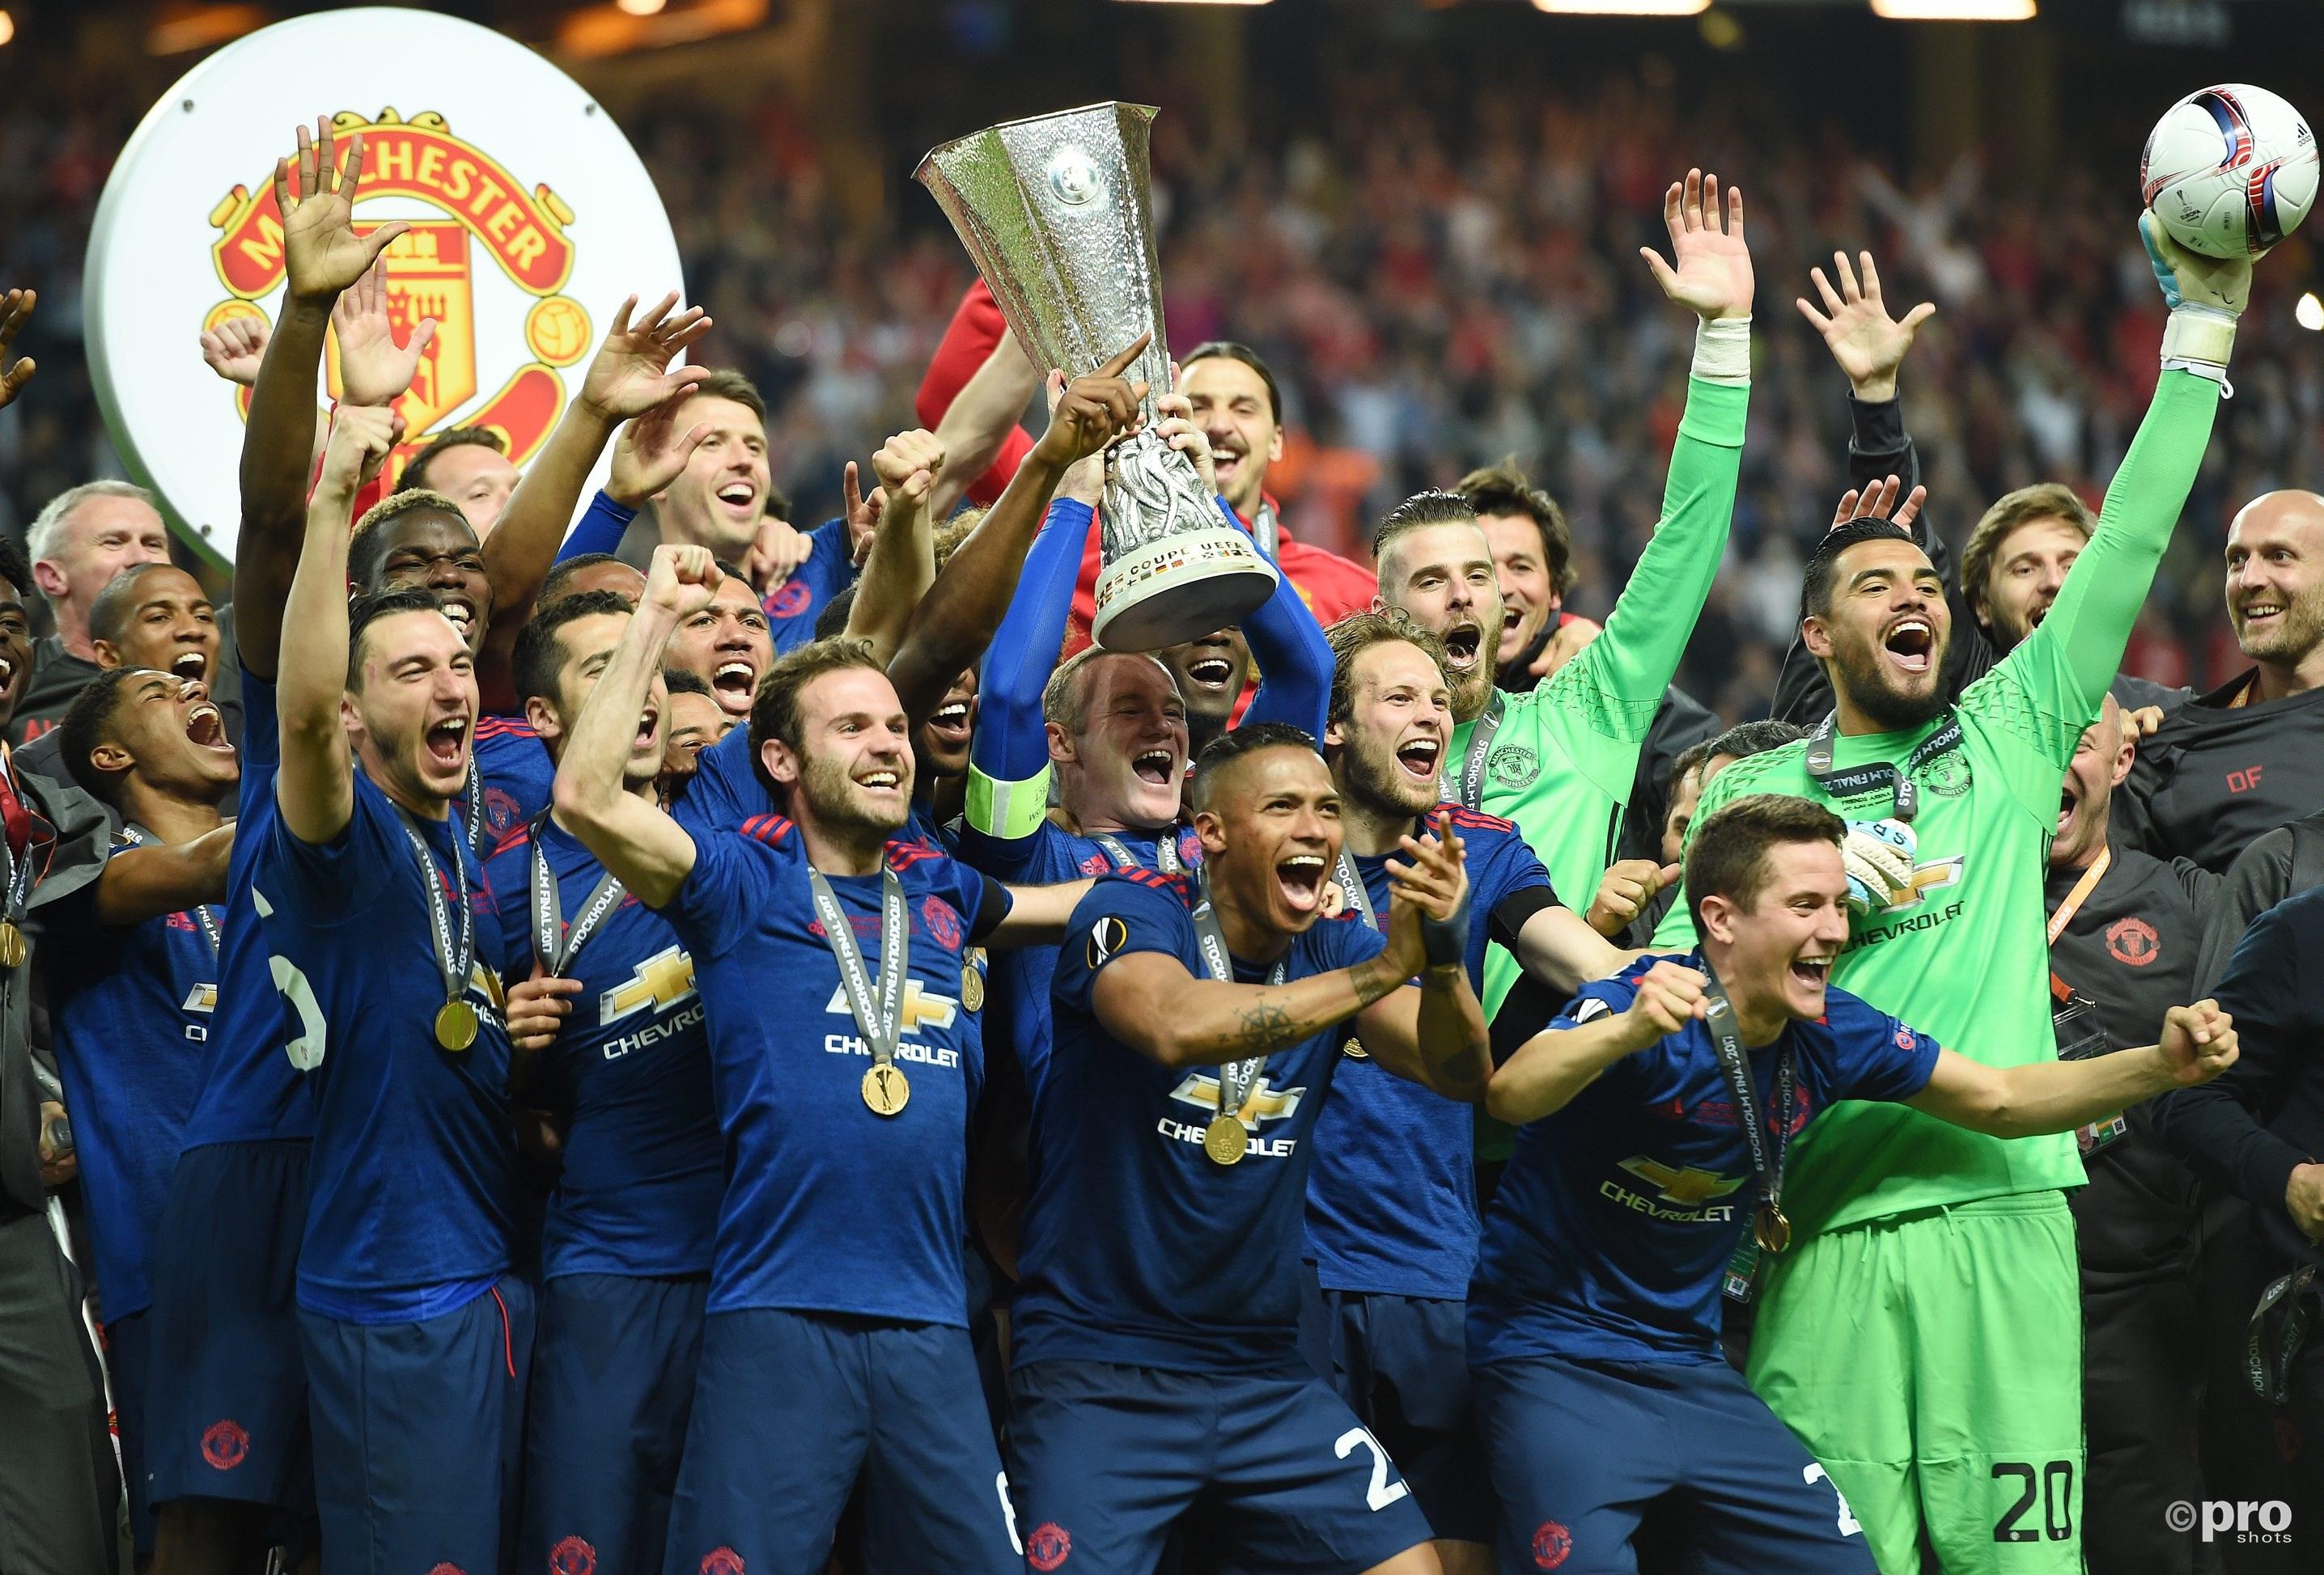 Manchester United met de trofee (Pro Shot/Witters)